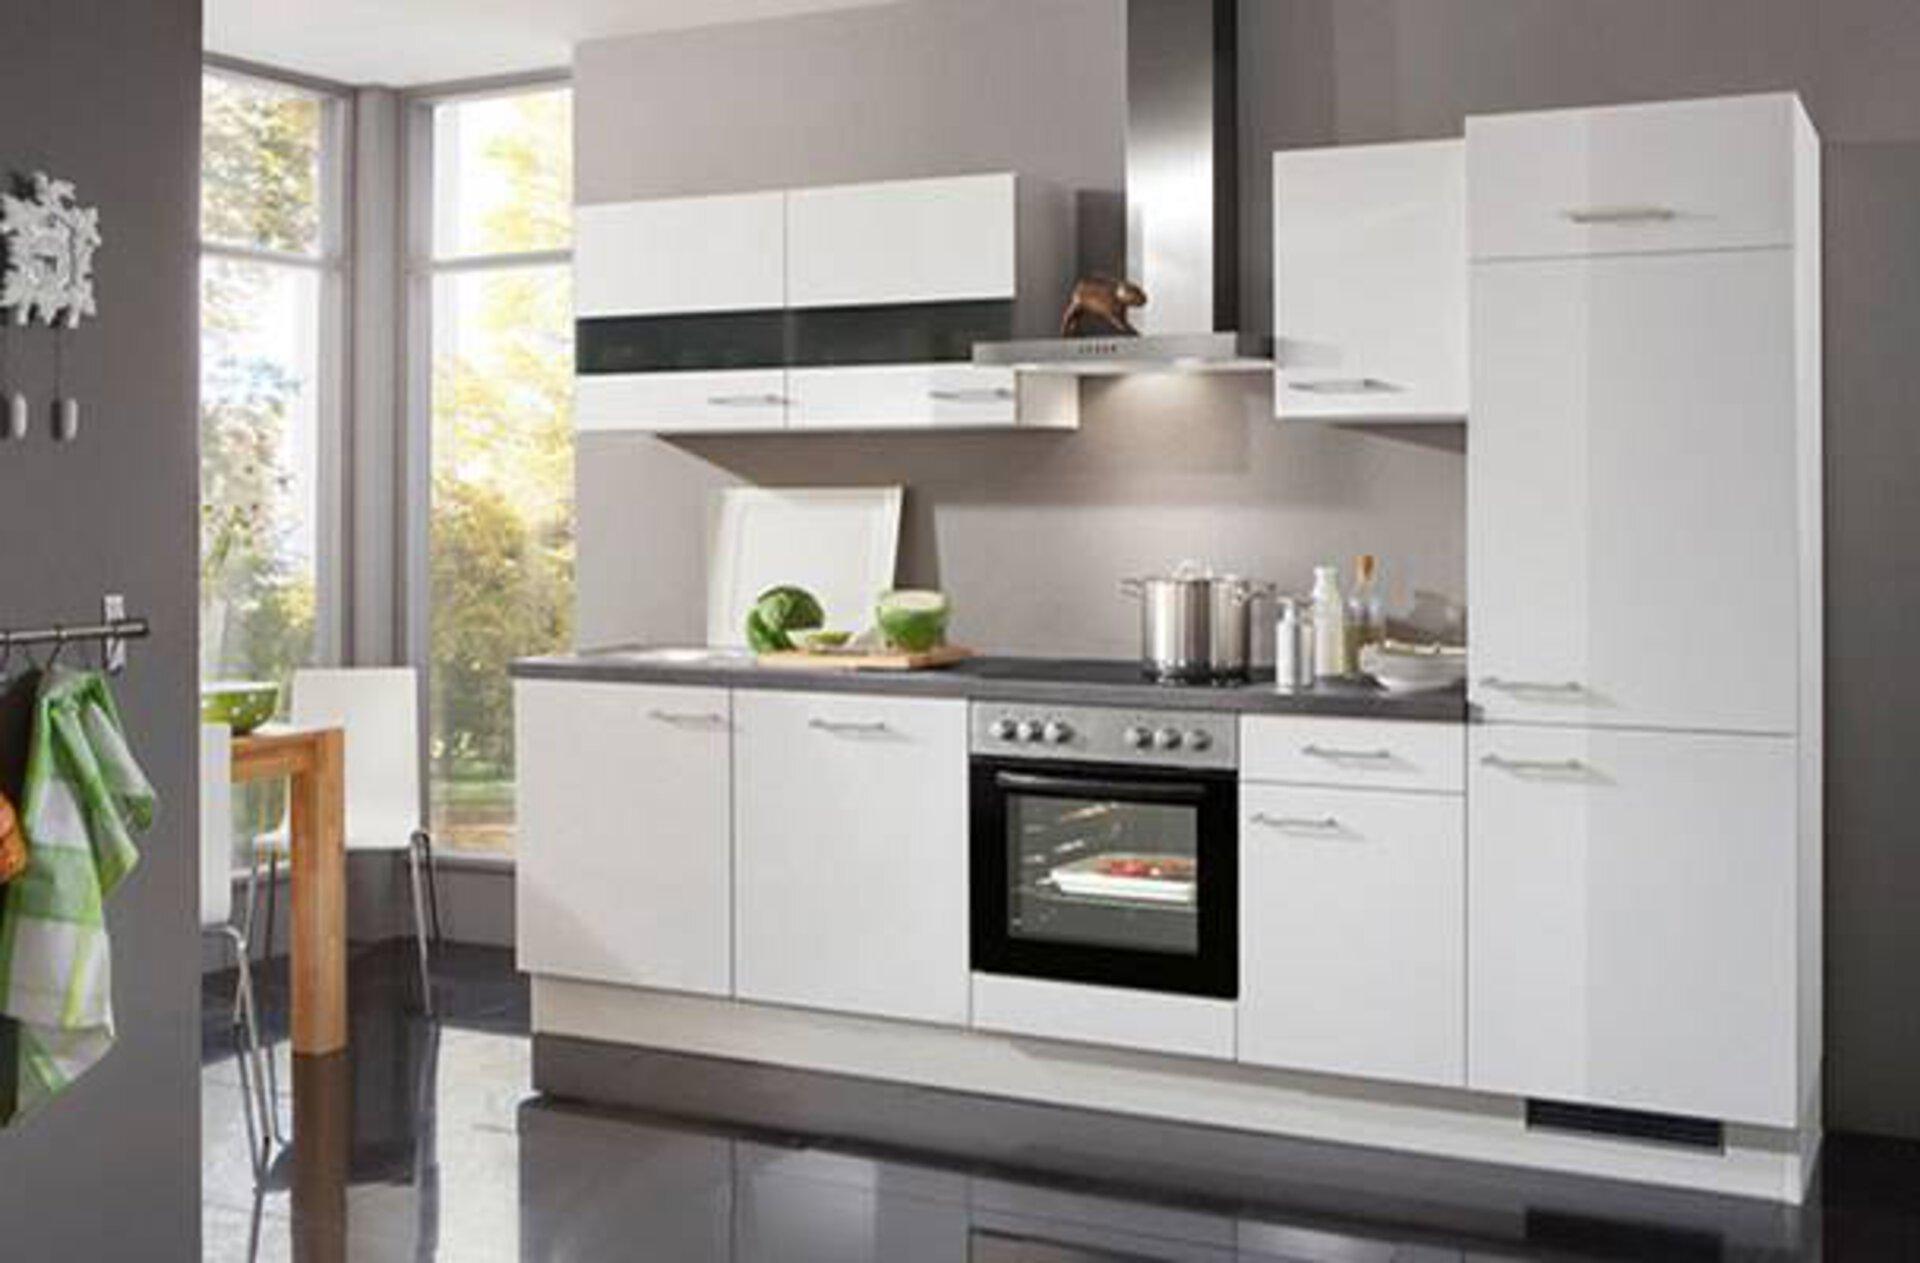 Kompaktküche in hochglanz Weiß